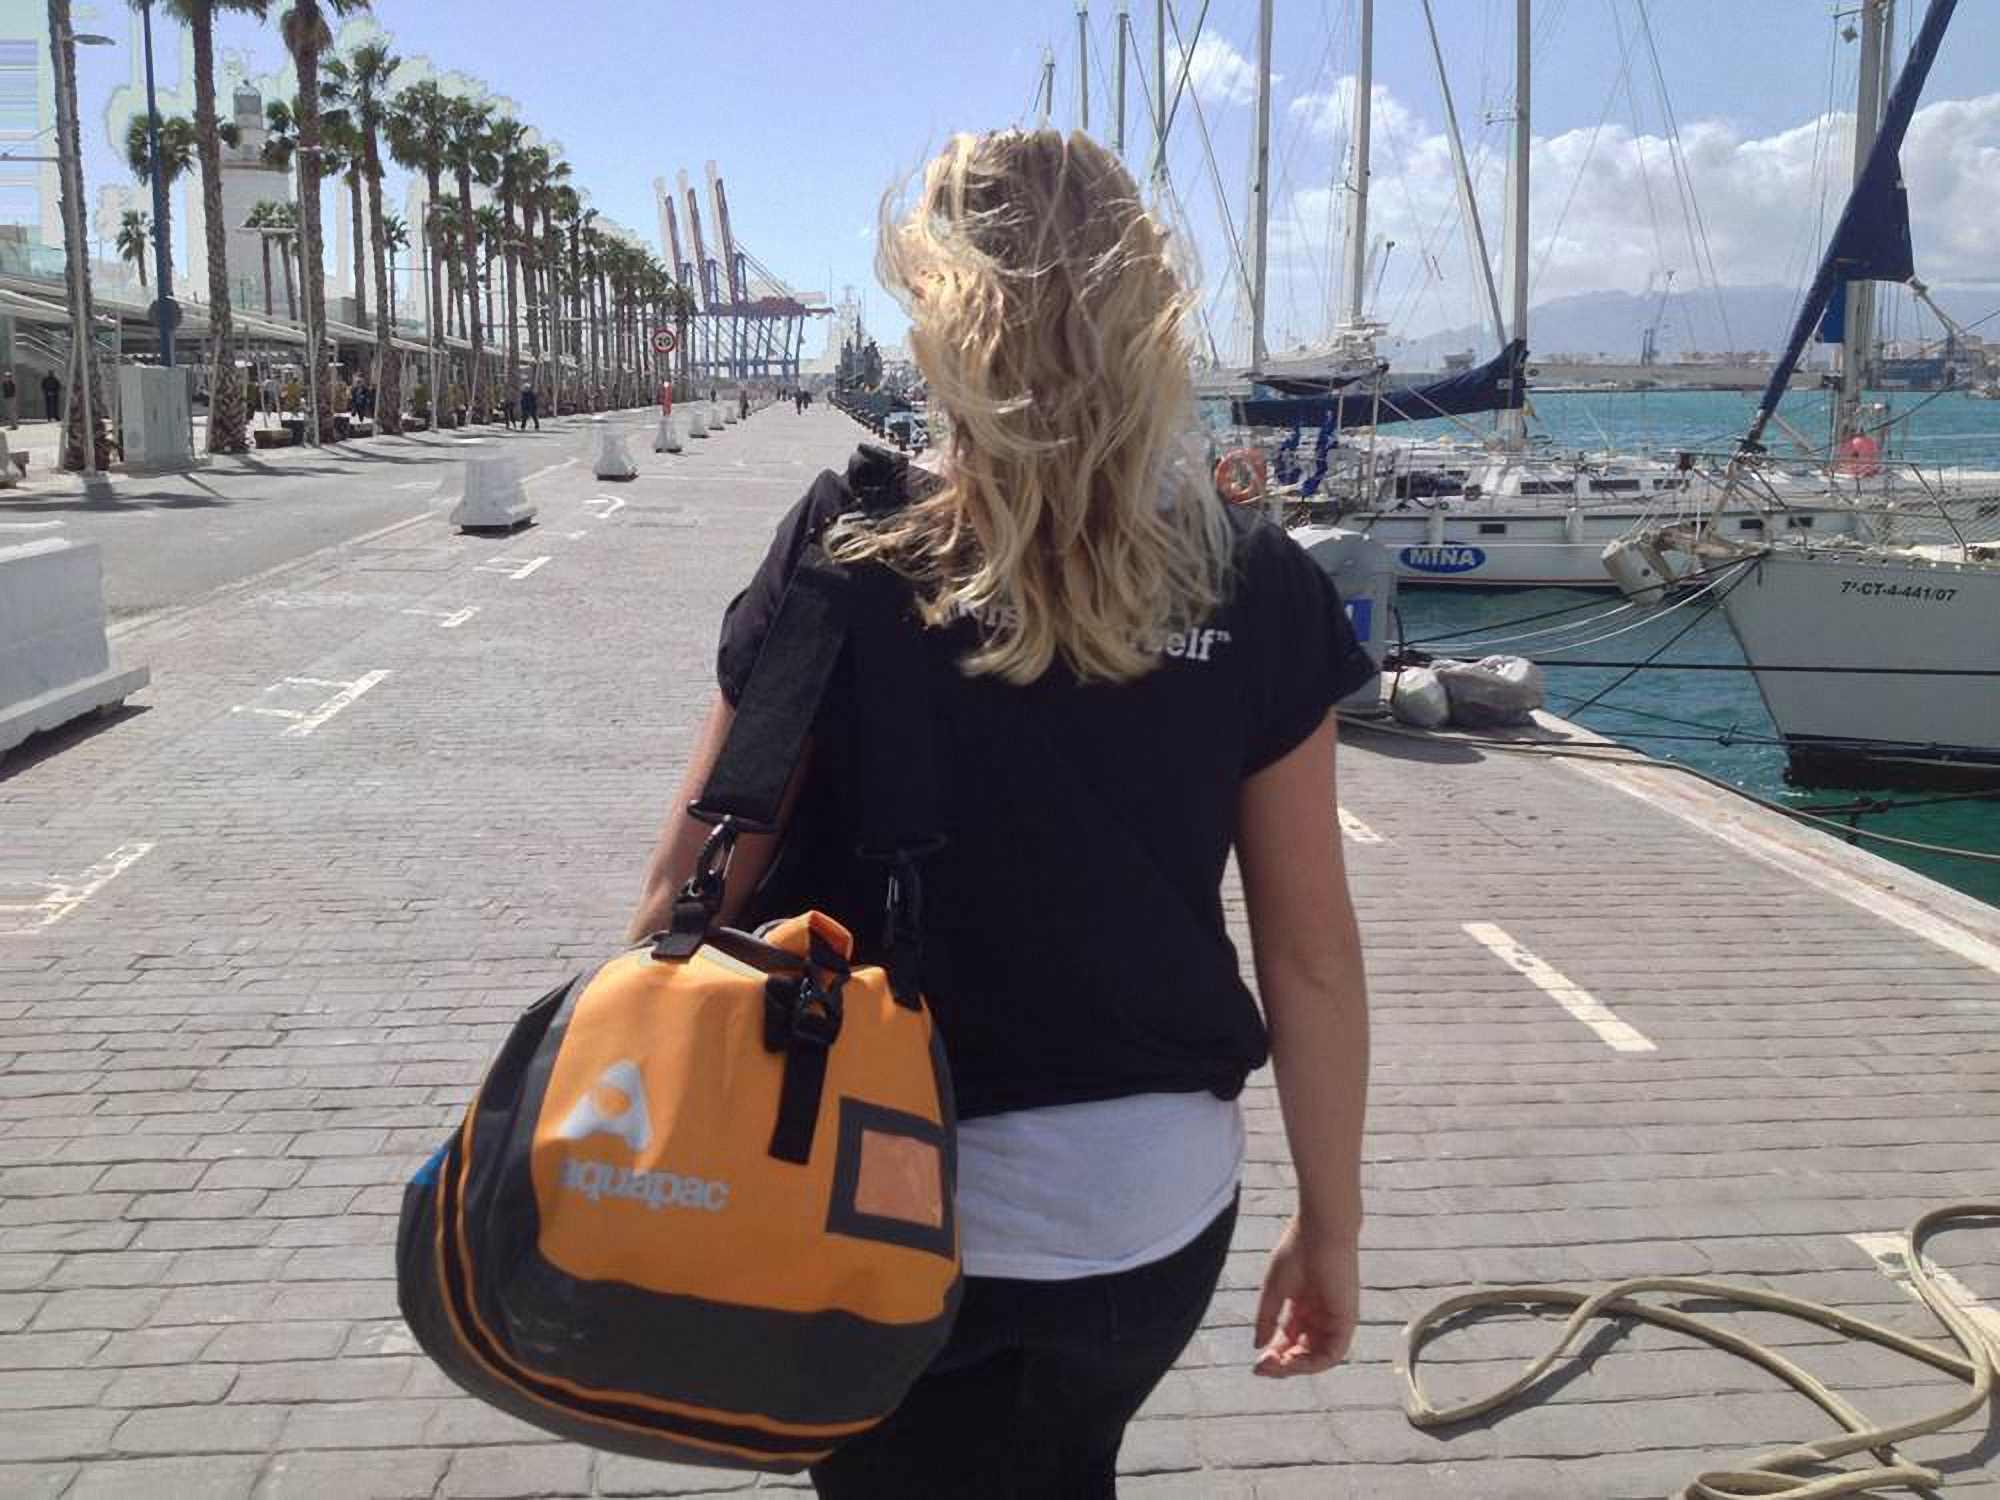 Водонепроницаемая сумка-рюкзак Aquapac 703 - Upano Waterproof Duffel - 70L.. Aquapac - №1 в мире водонепроницаемых чехлов и сумок. Фото 12